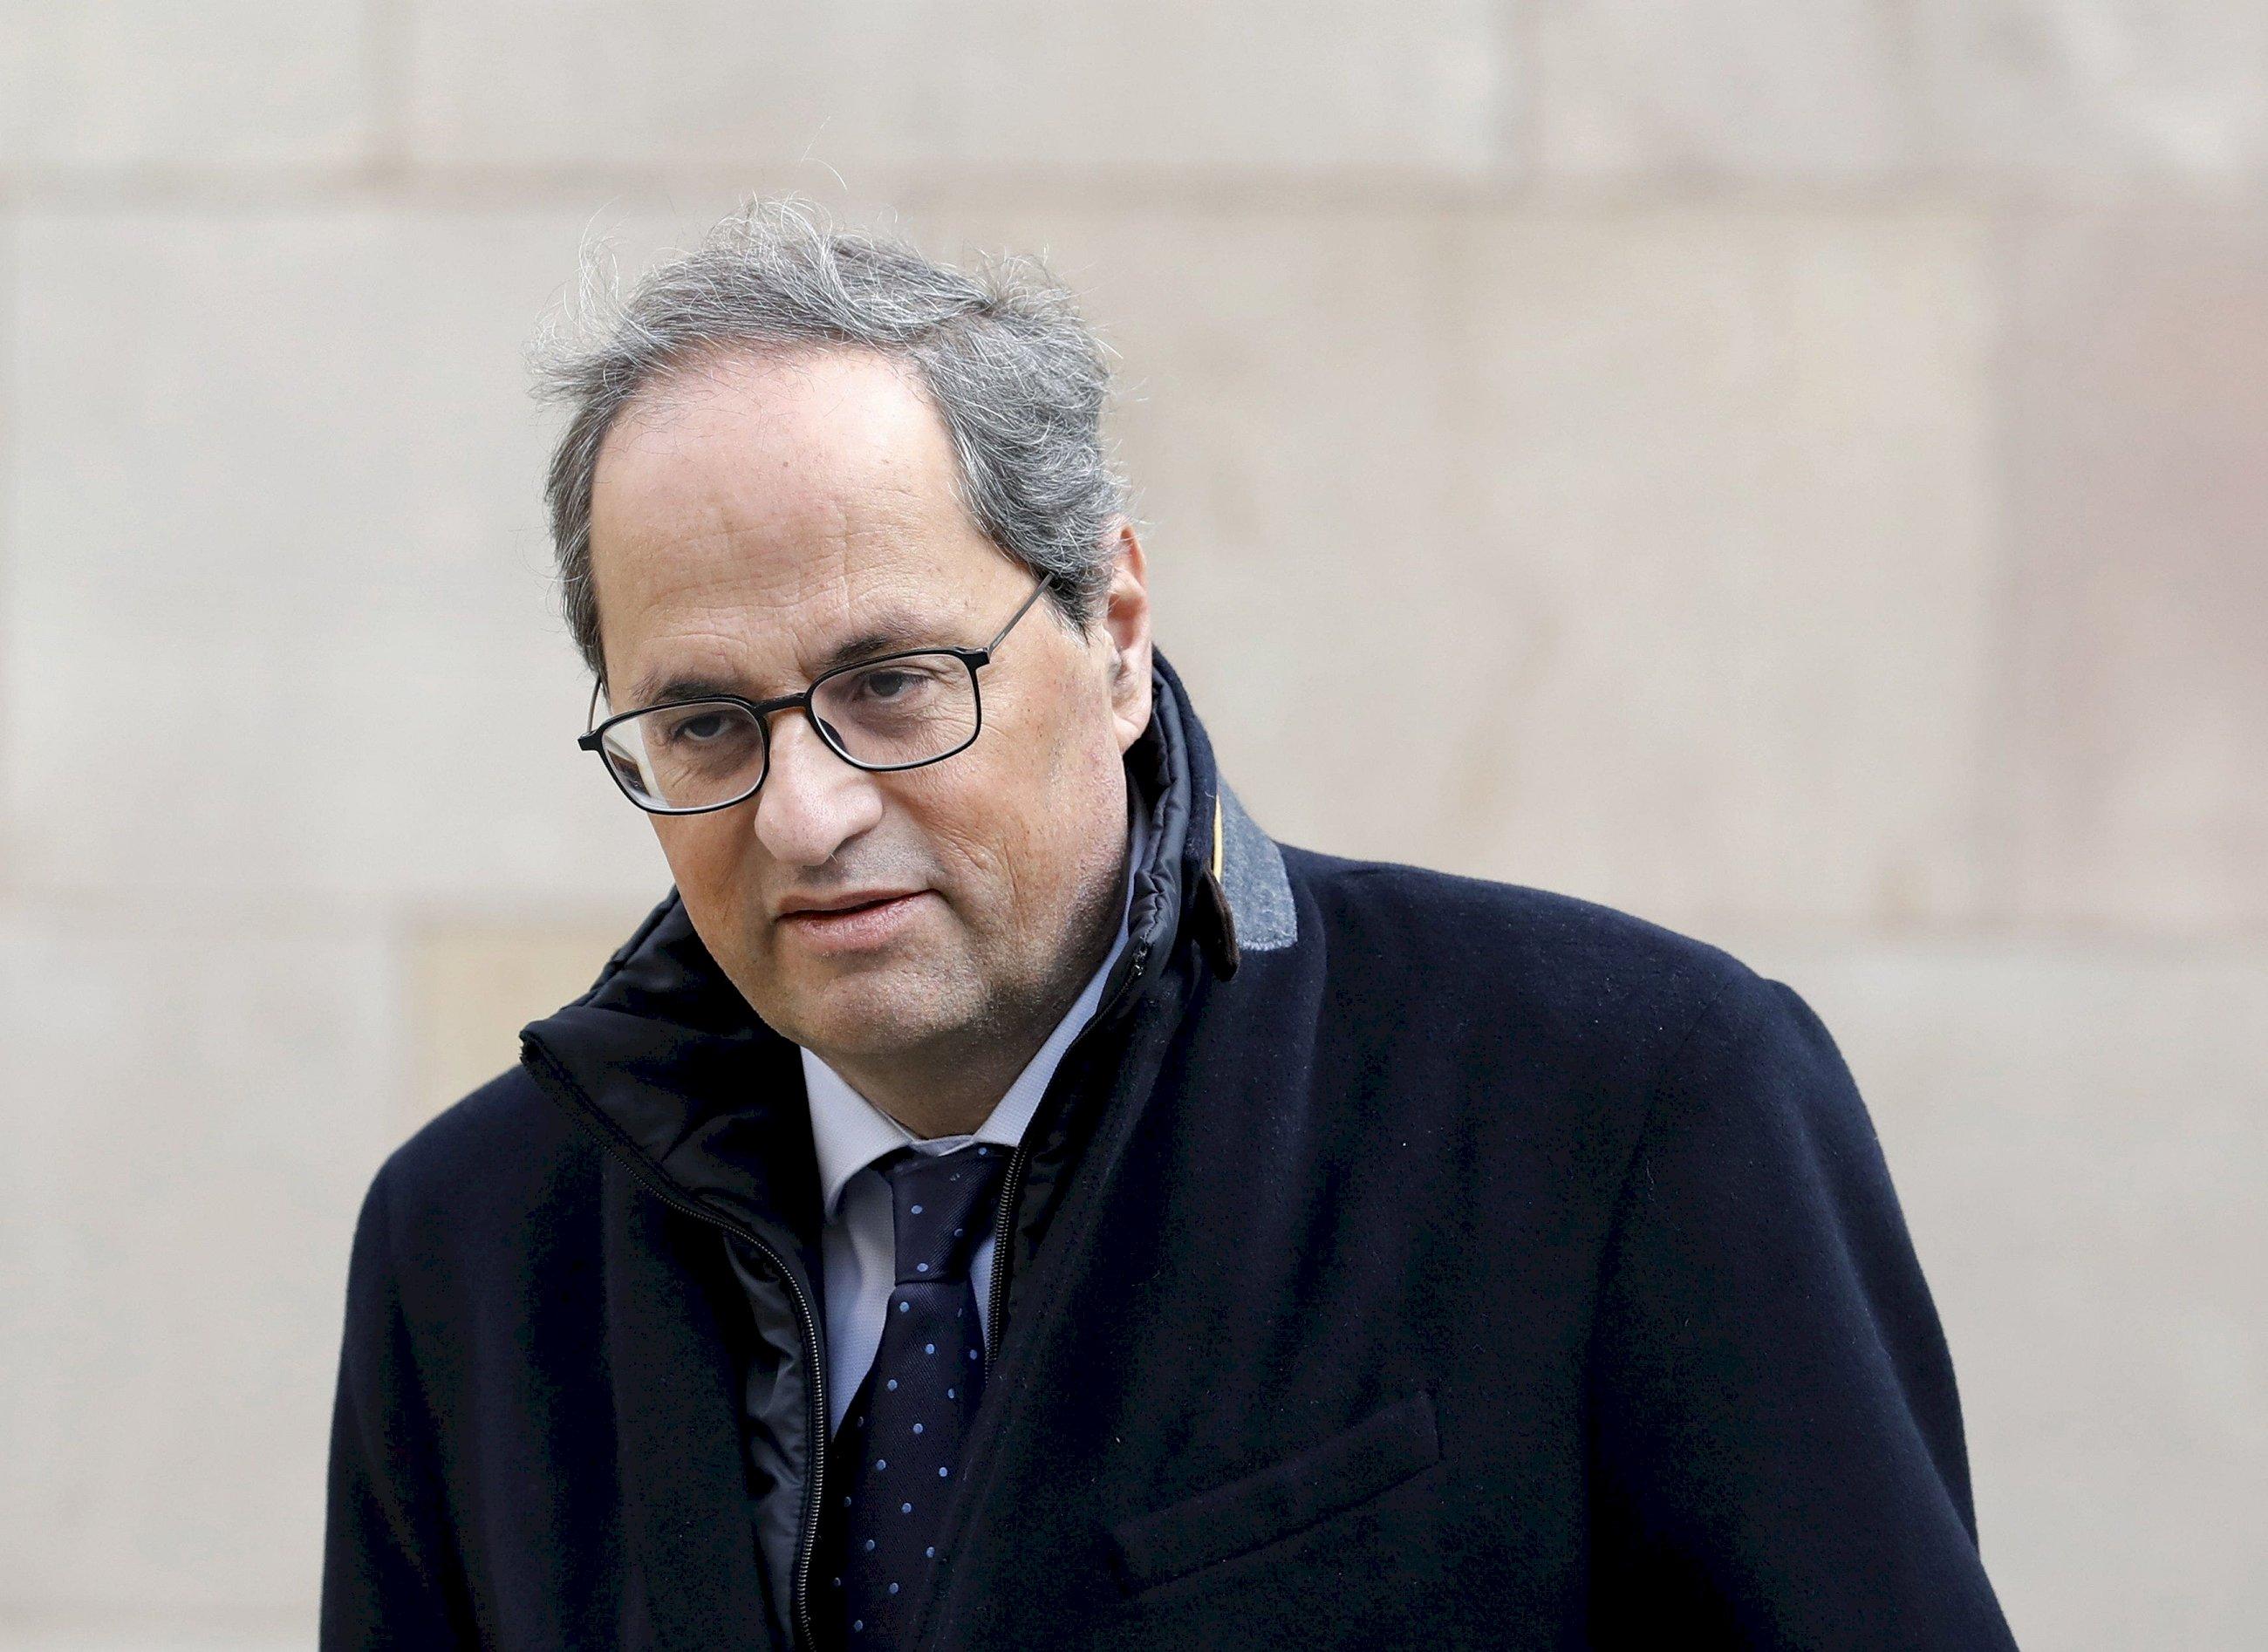 El expresidente de la Generalitat, Quim Torra | EFE/Archivo